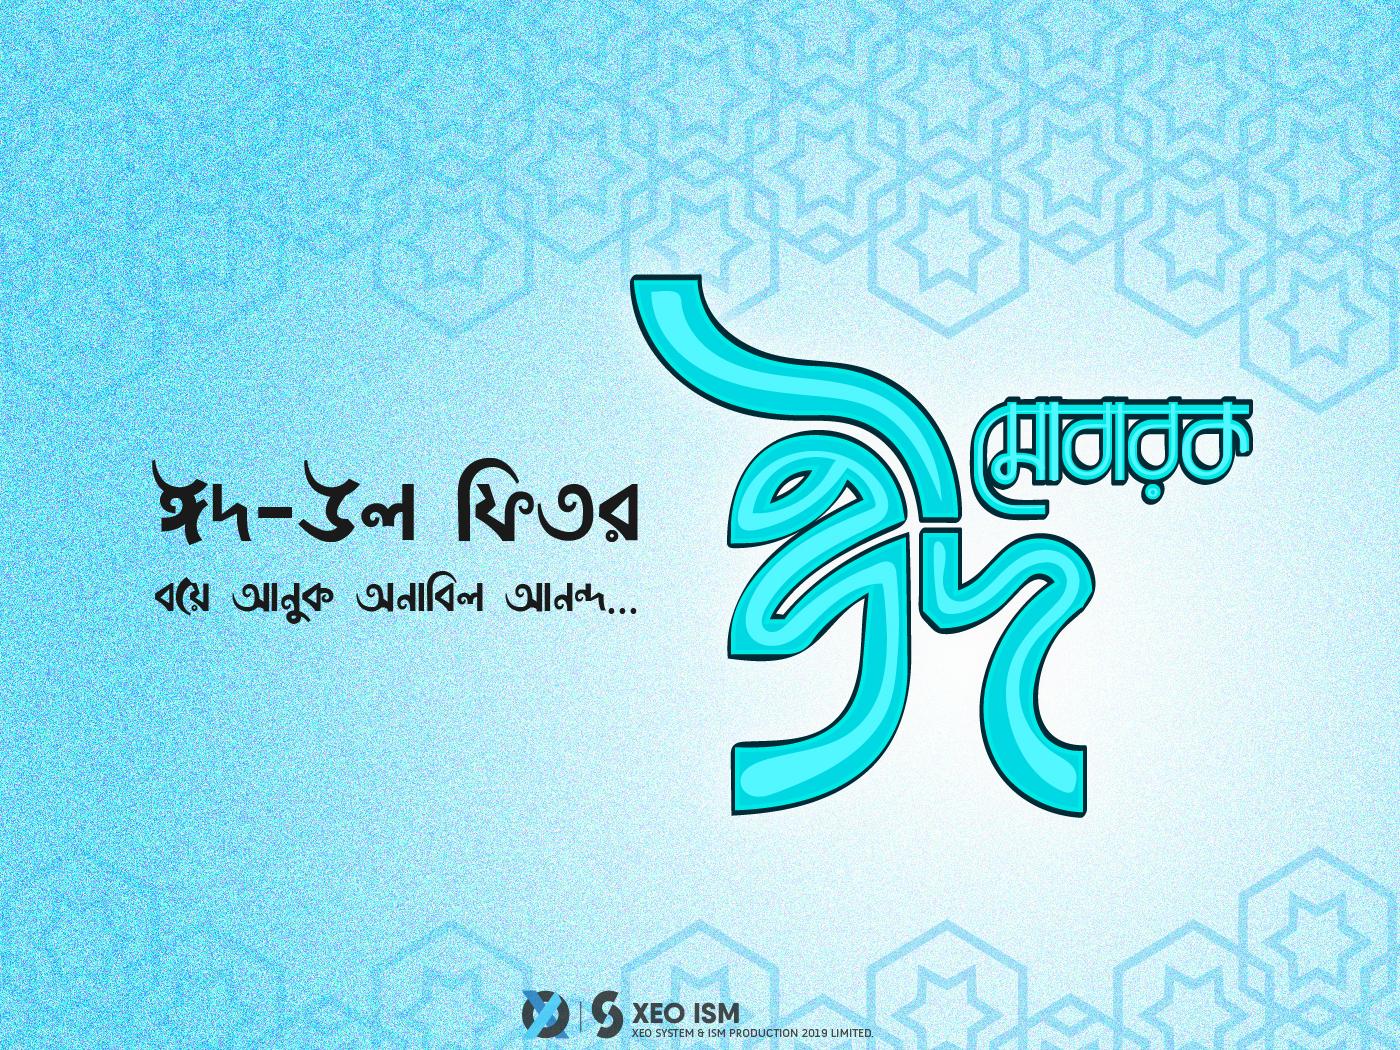 Eid Mubarak by Bijoy on Dribbble